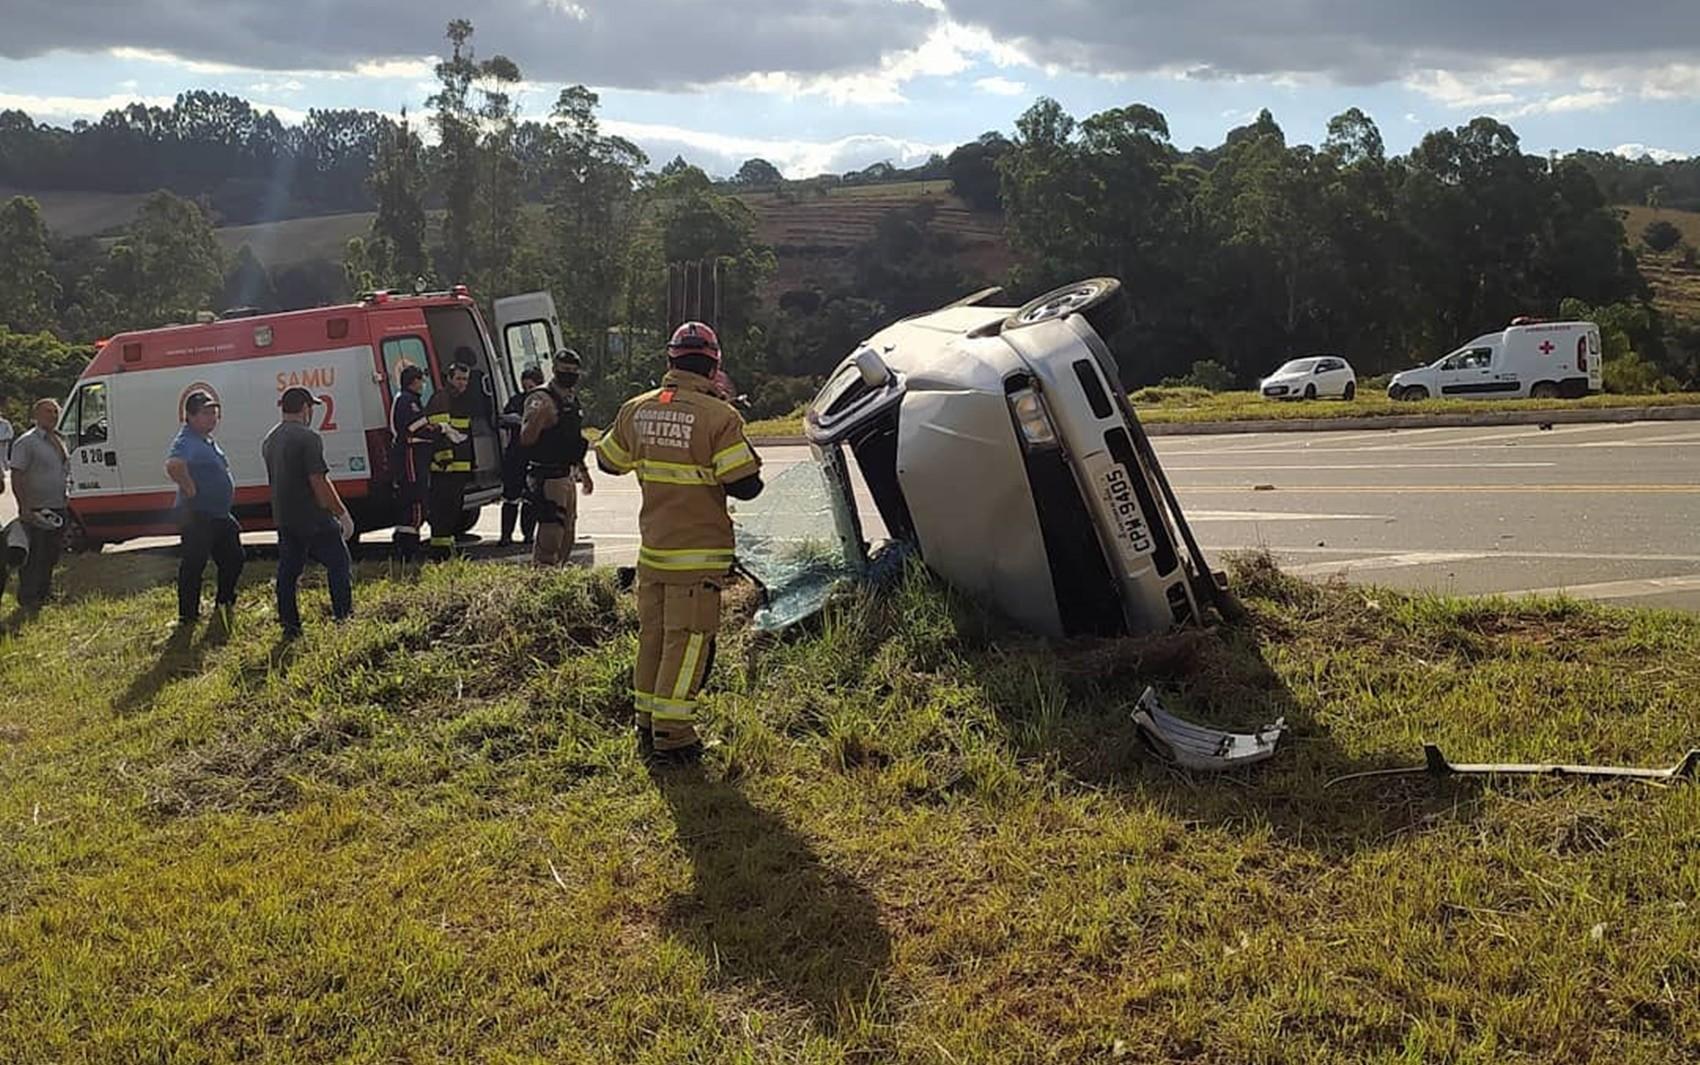 Idoso morre após batida entre carro e carreta na MG-146, em São Pedro da União, MG